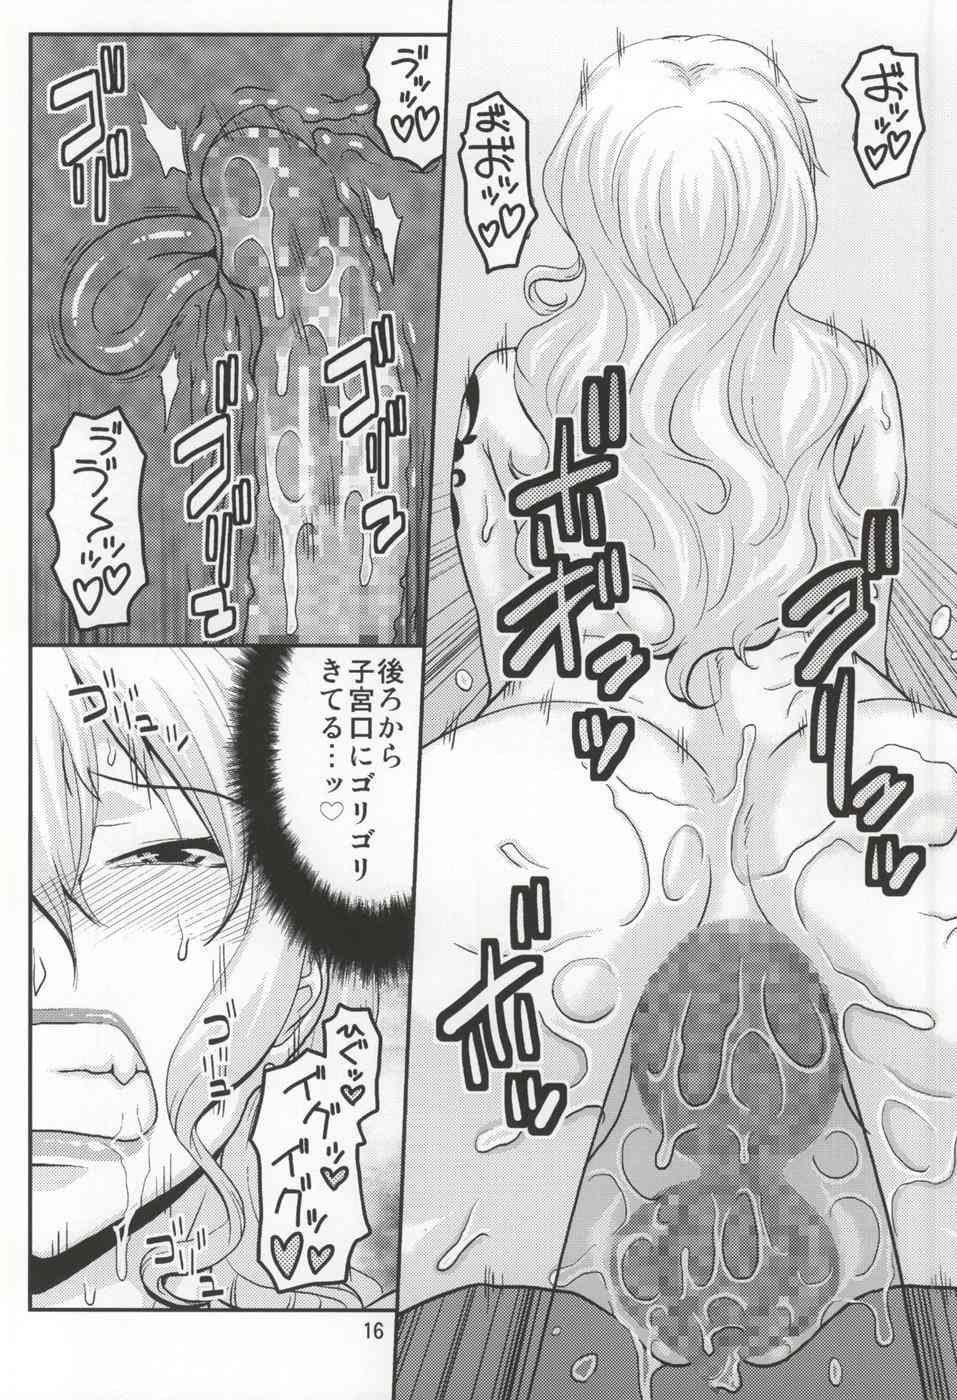 【エロ漫画】ソープ嬢として爆乳ビッチのナミがパイズリフェラご奉仕接客で生挿入で快楽へ導き自らも絶頂してますwwwww